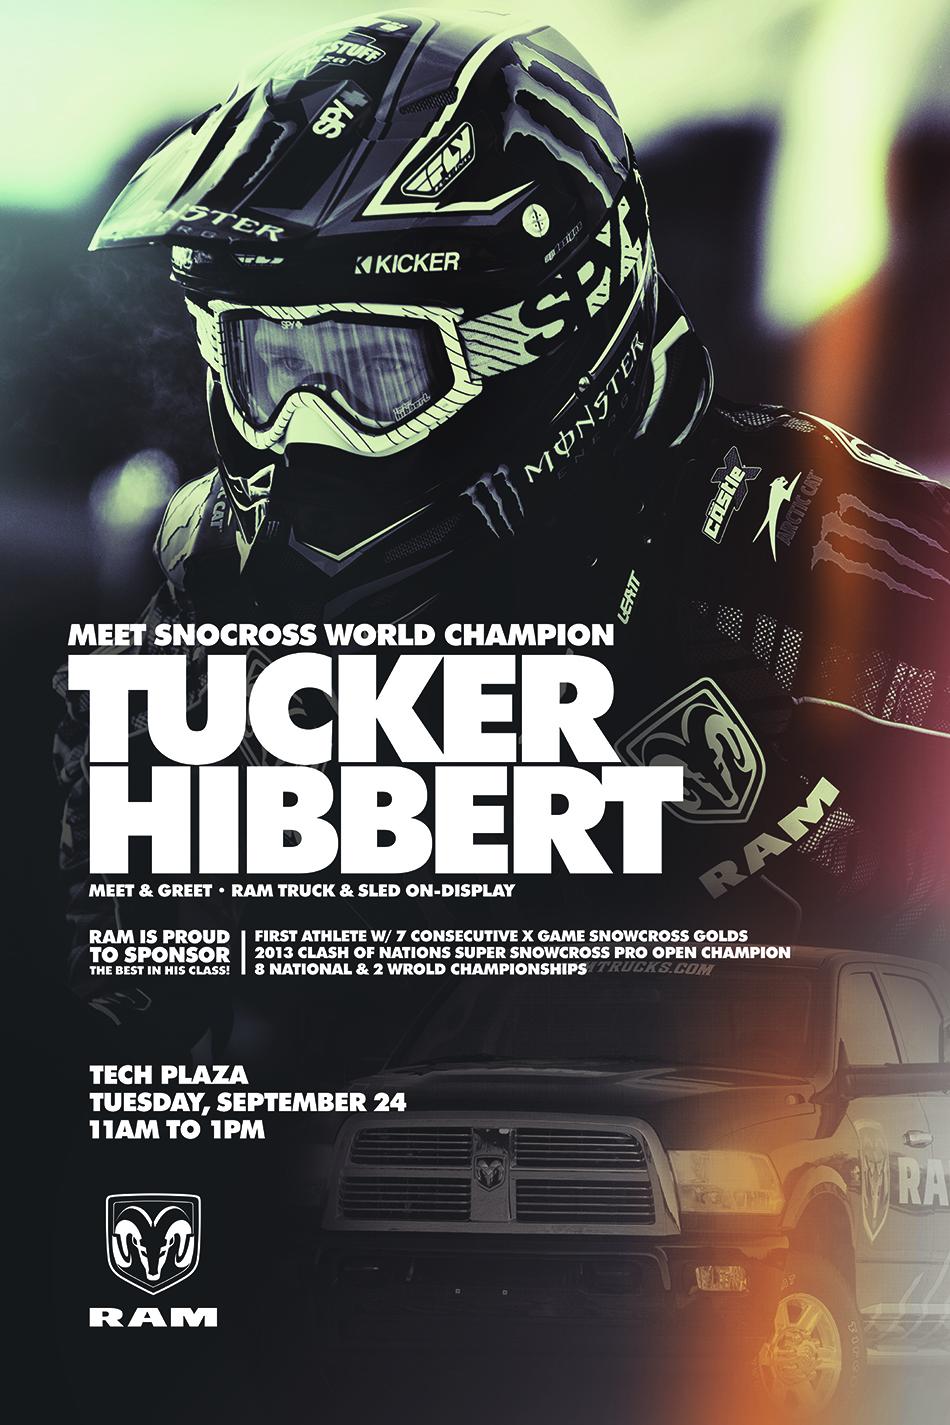 hibbert-poster.jpg